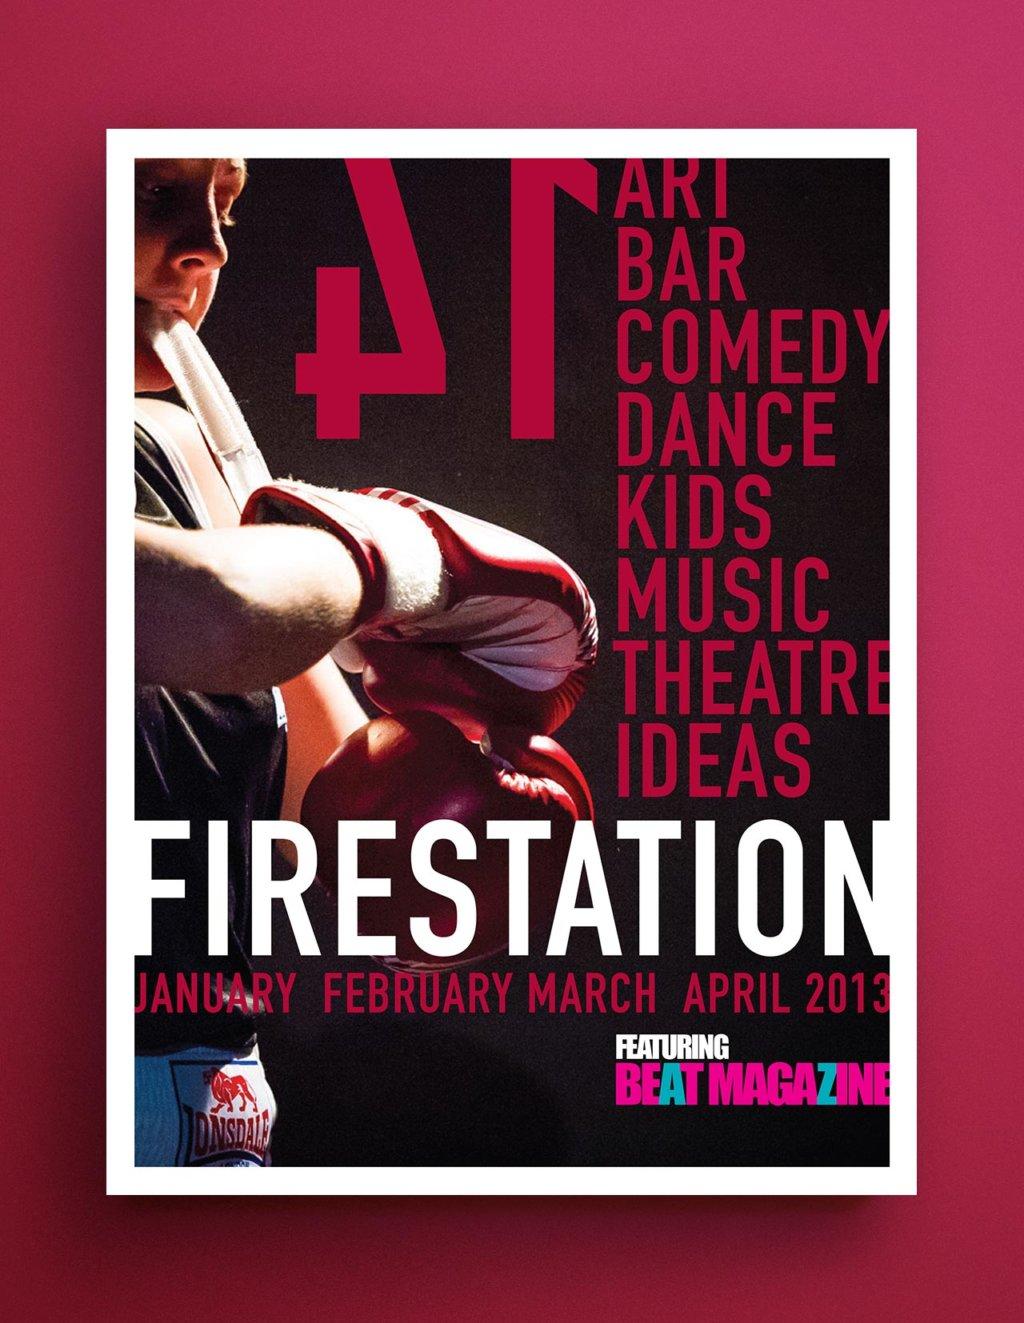 Firestation programme cover